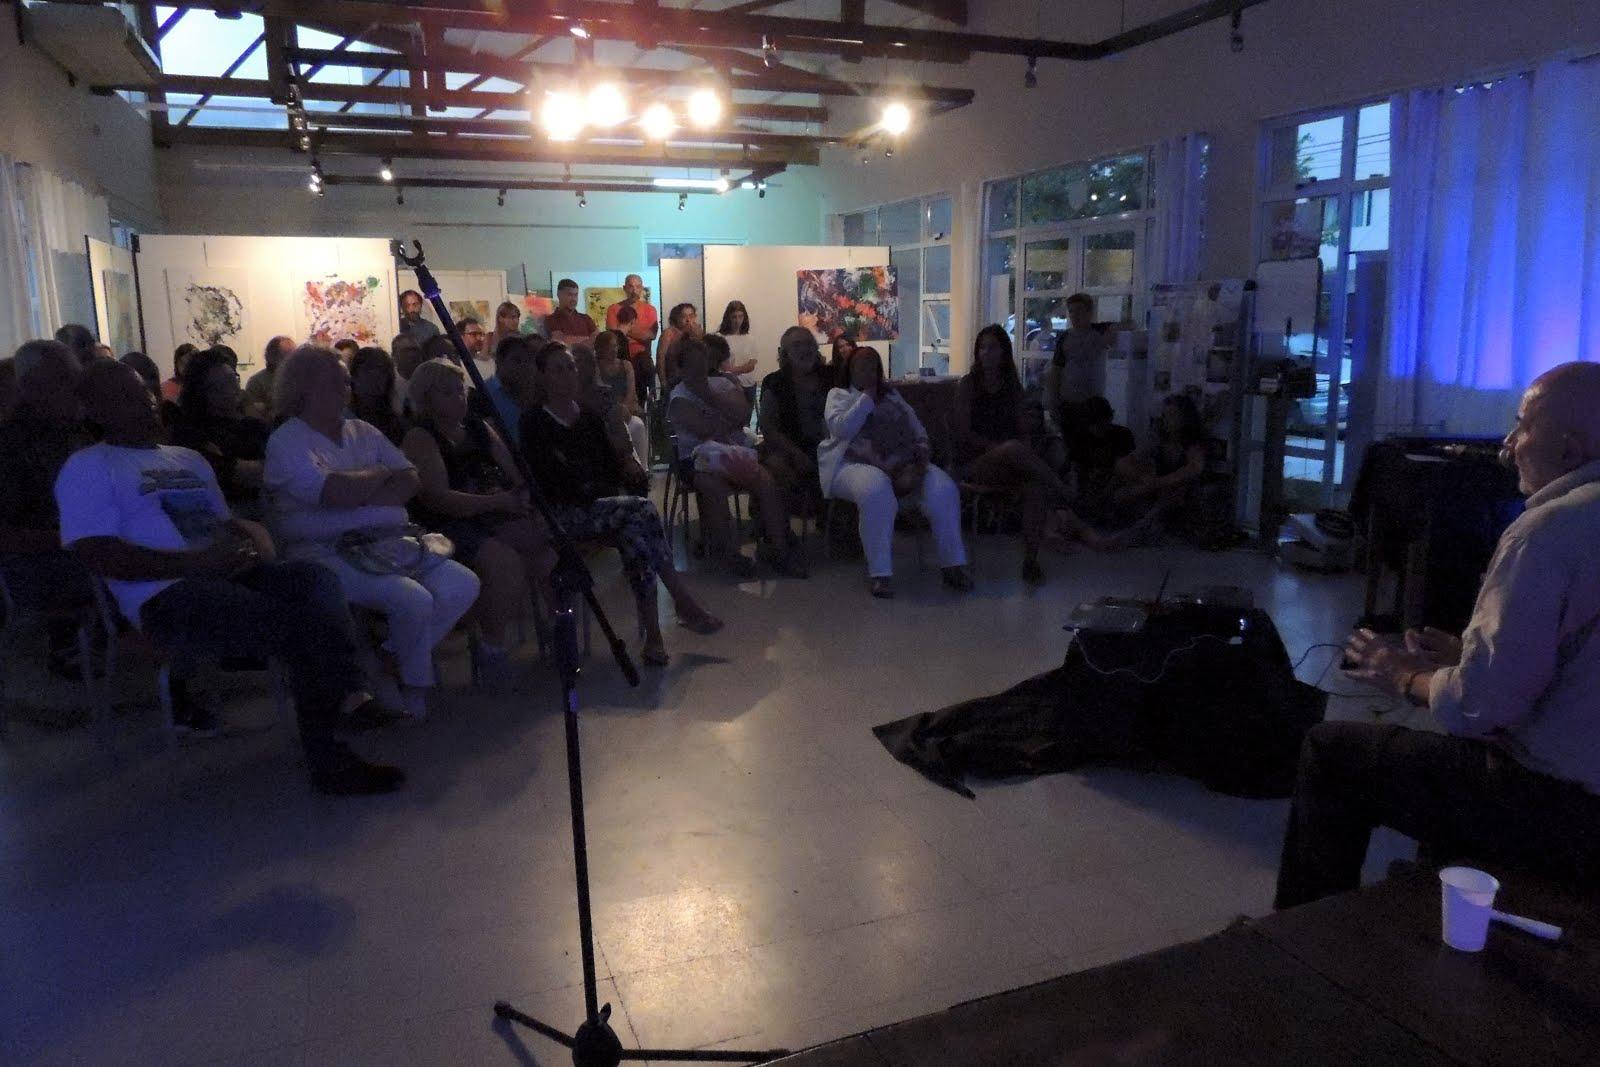 2018 - LAS PATAS Conferencia en Claromeco. Comienzan los trabajos